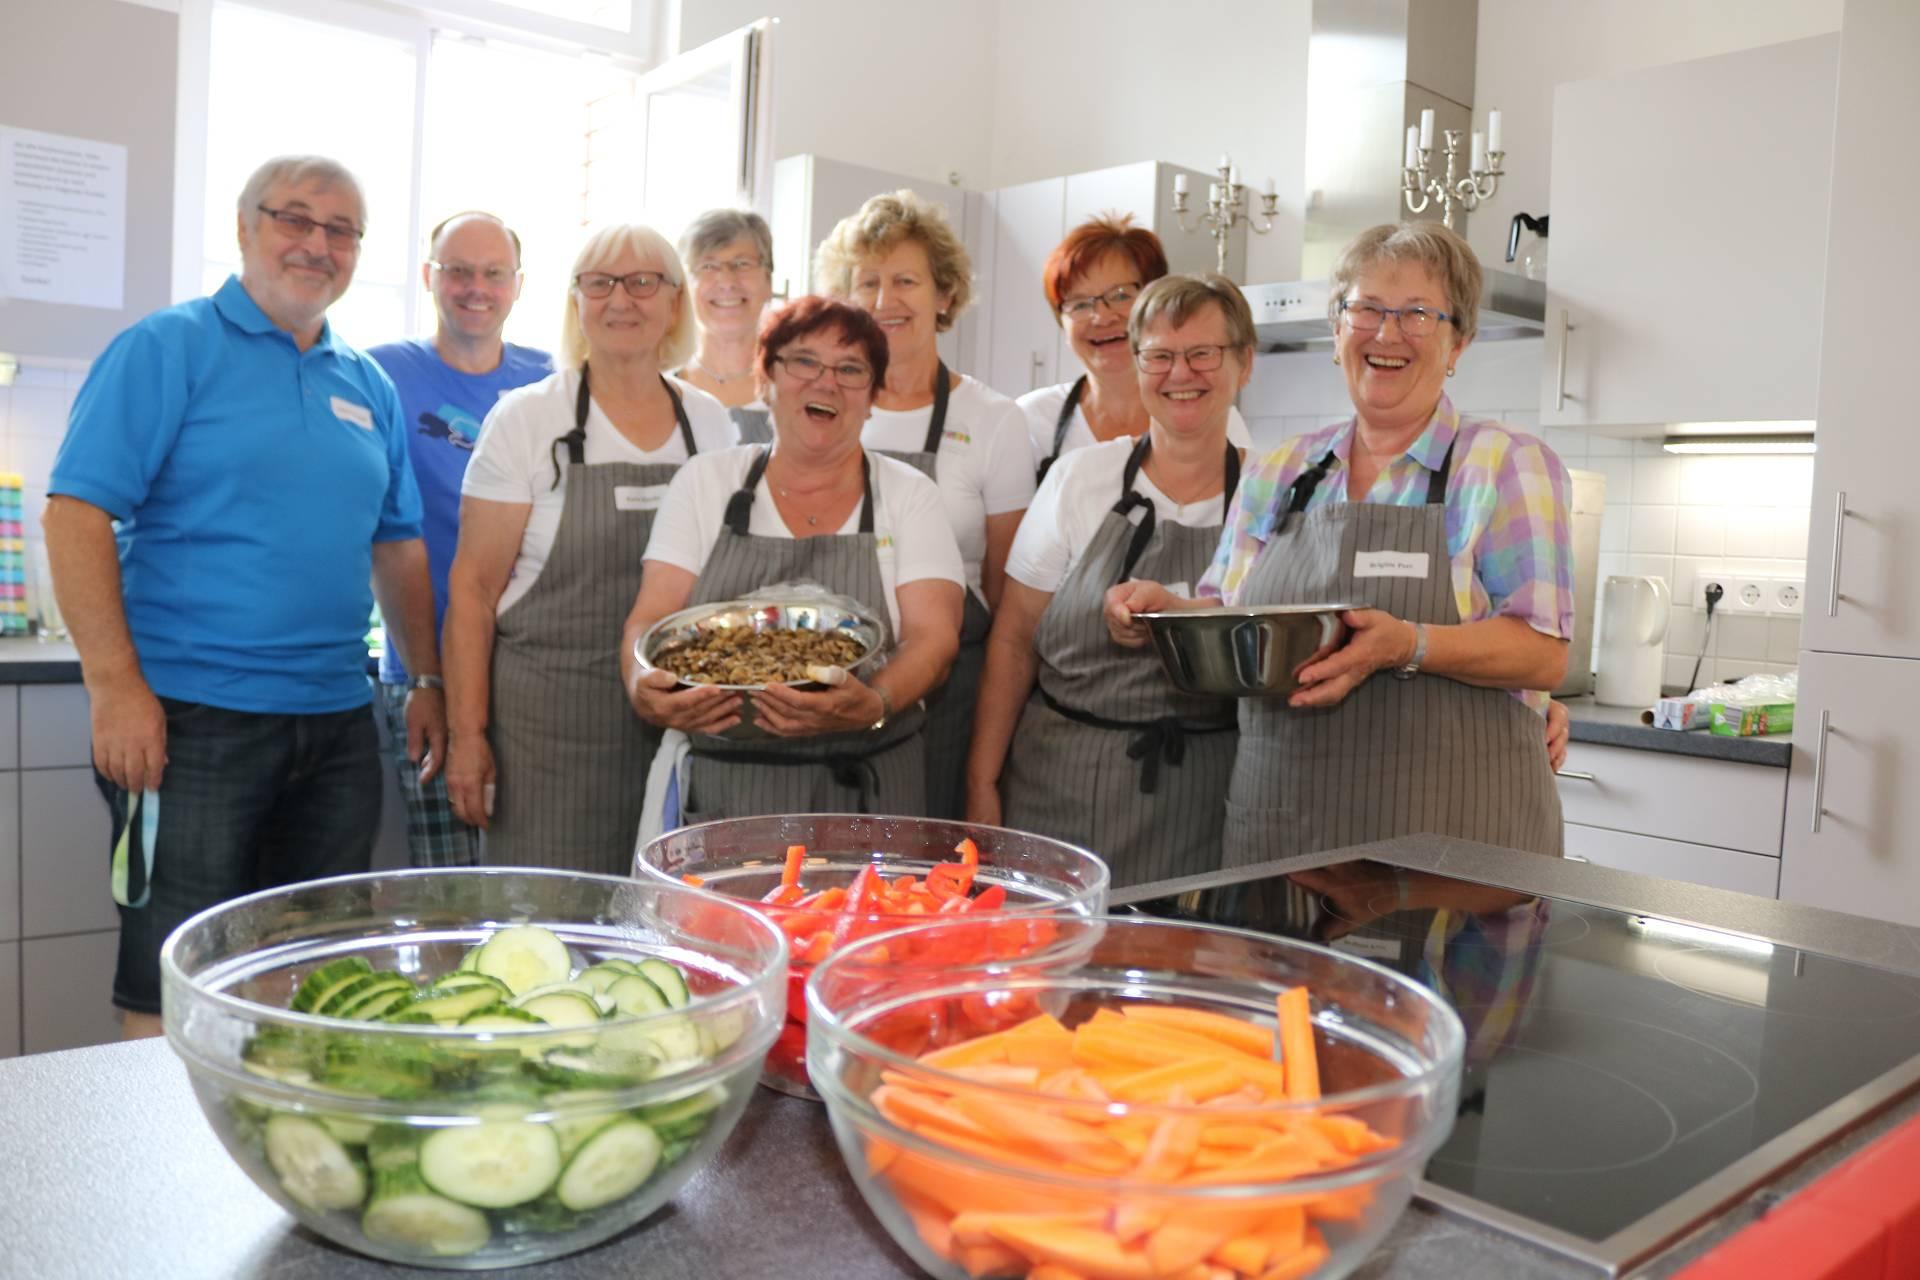 Zahlreiche Ehrenamtliche helfen beim Talentcampus: Hier die gutgelaunte Küchencrew, die jeden Tag 100 Essen auf den Tisch bringt.